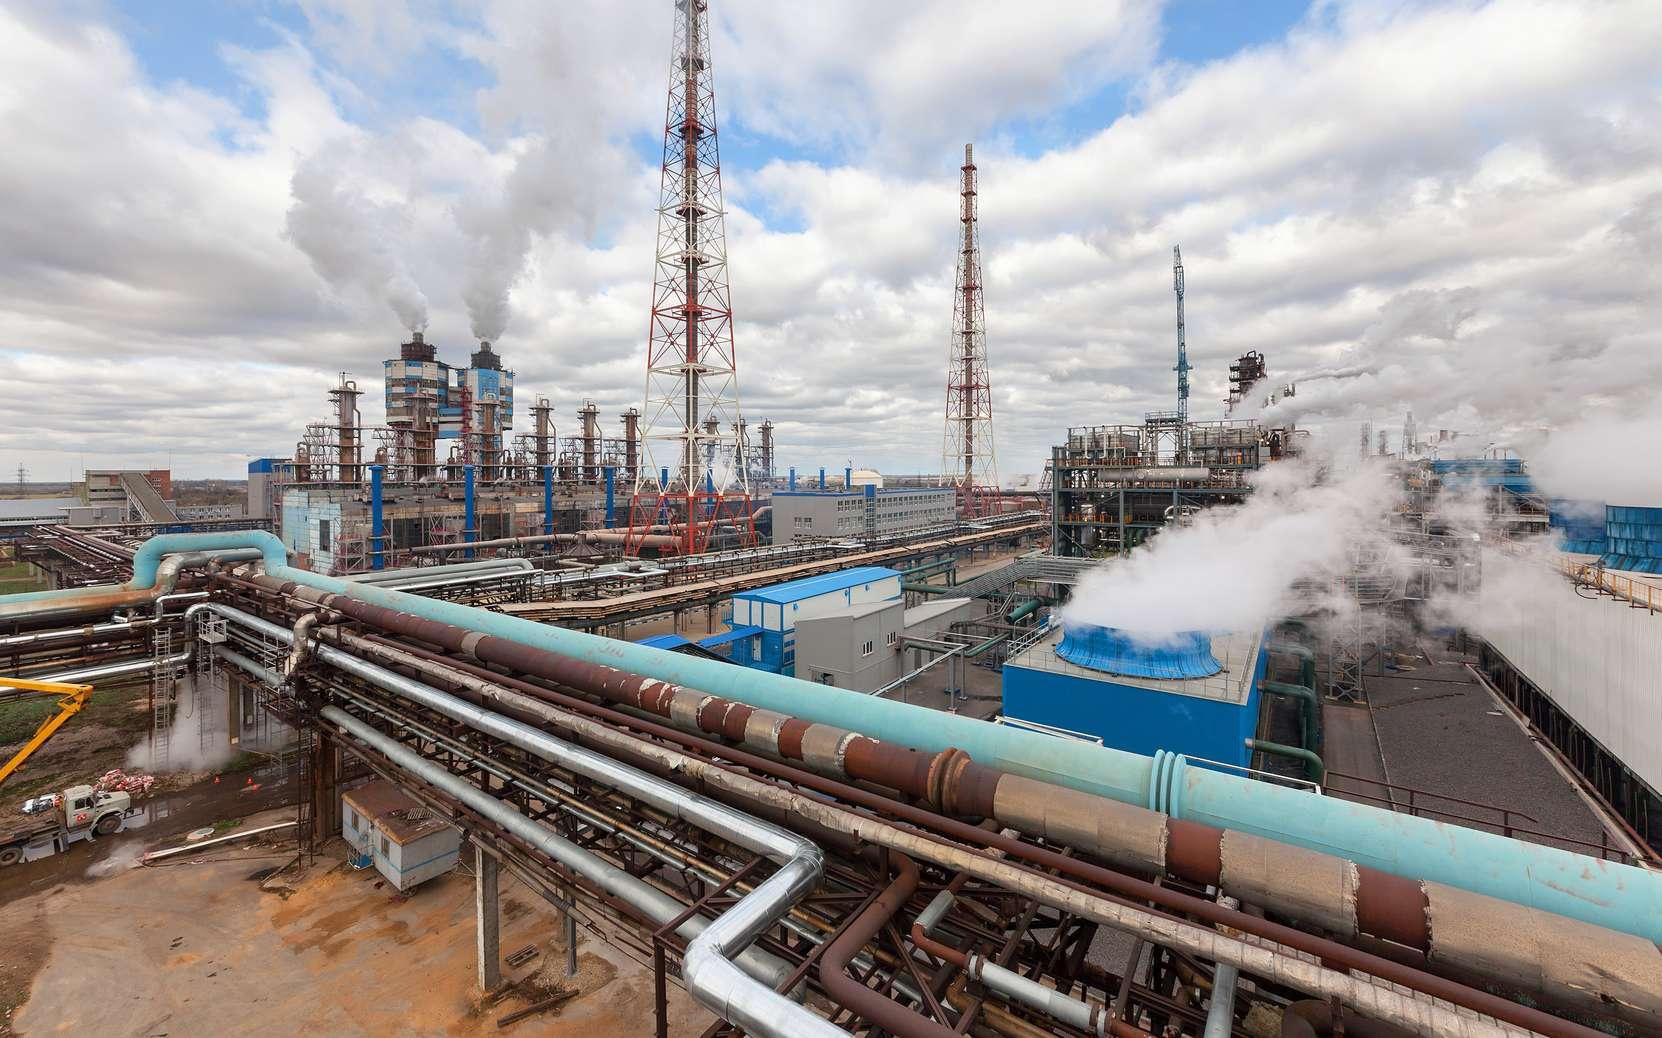 Une usine de production d'ammoniac. © Всеволод Чуванов, Fotolia